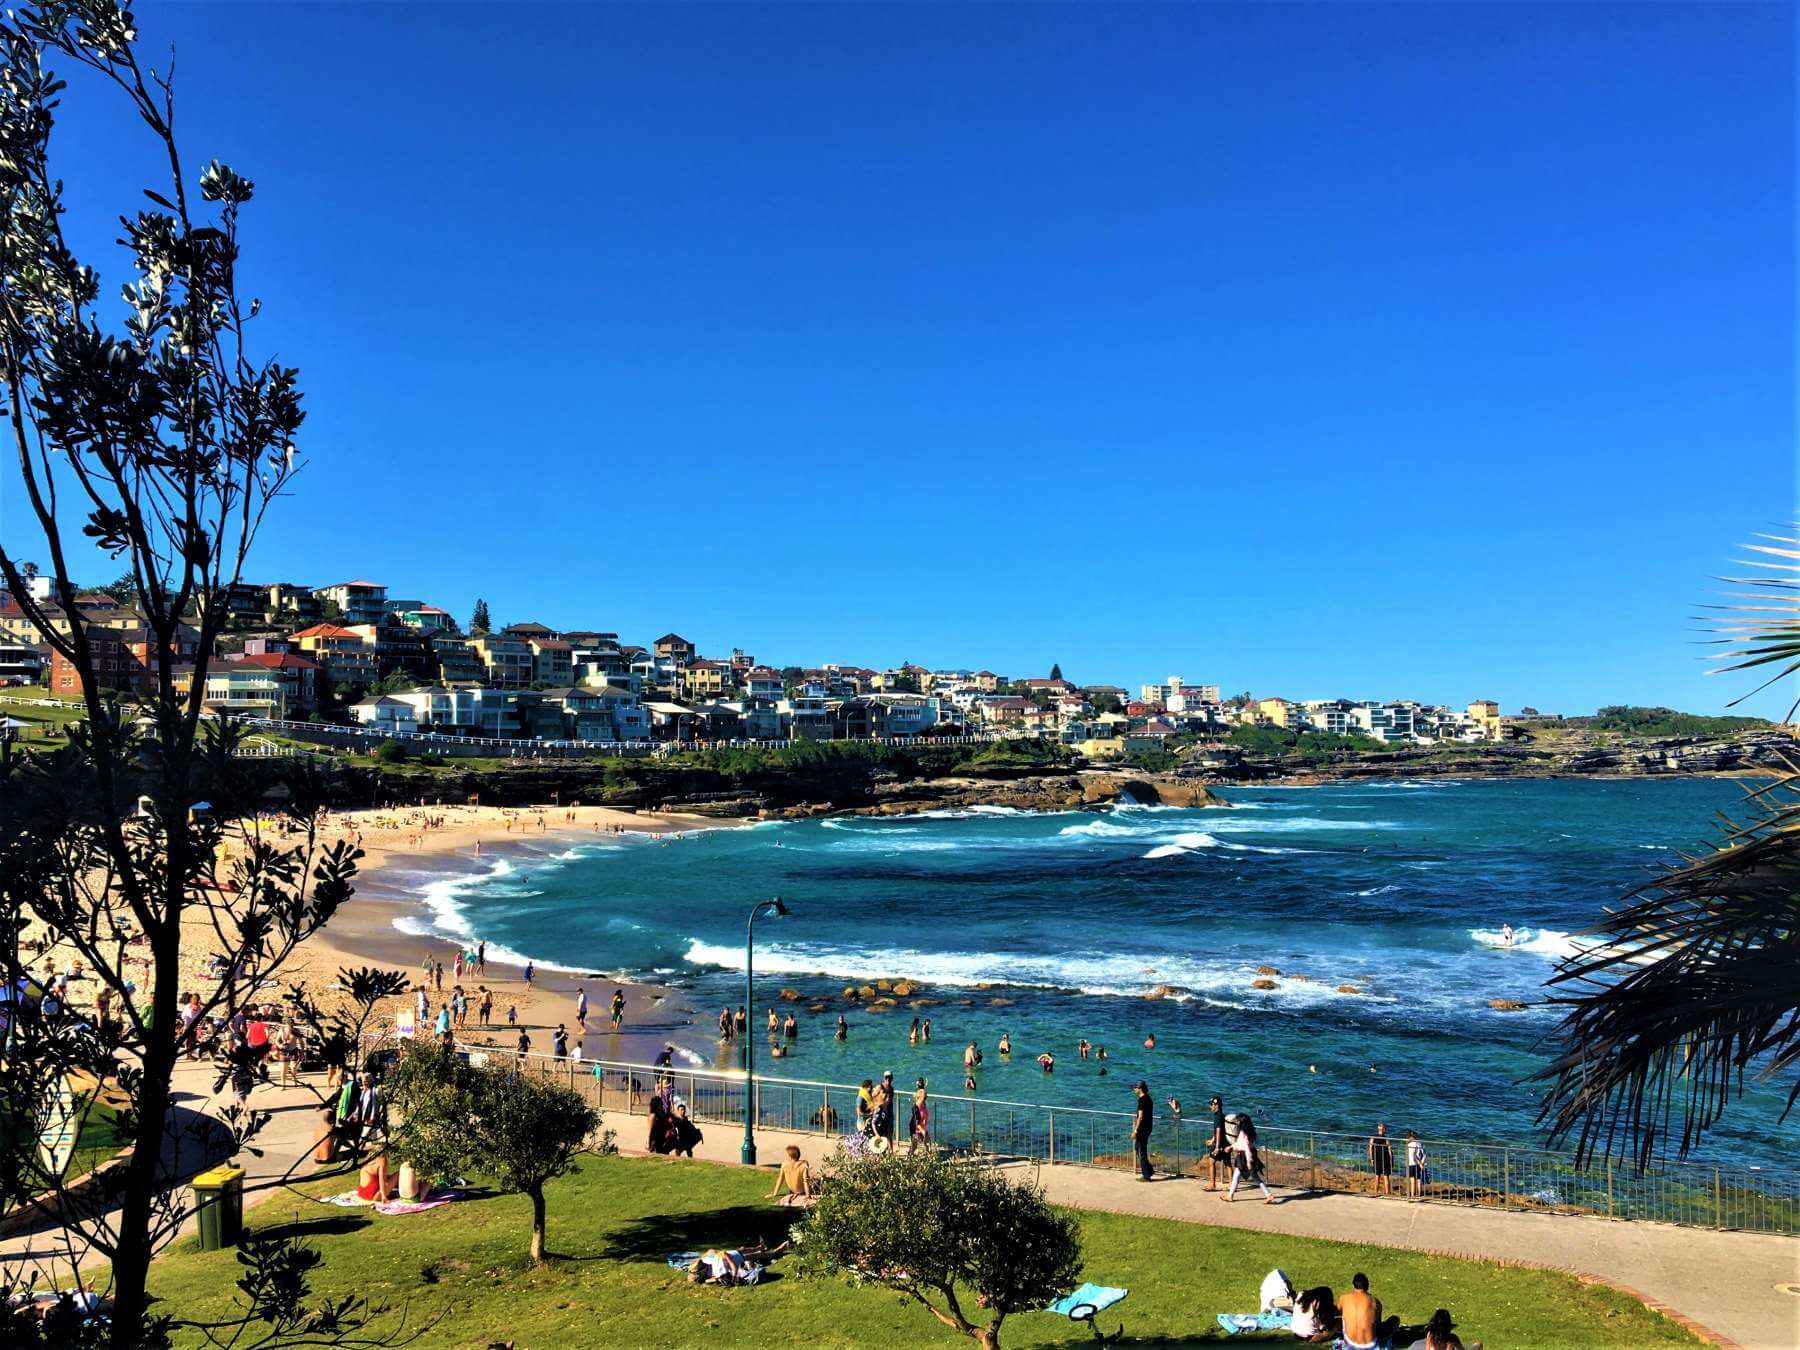 Blick auf den Bronte Beach - Sydney in Australien